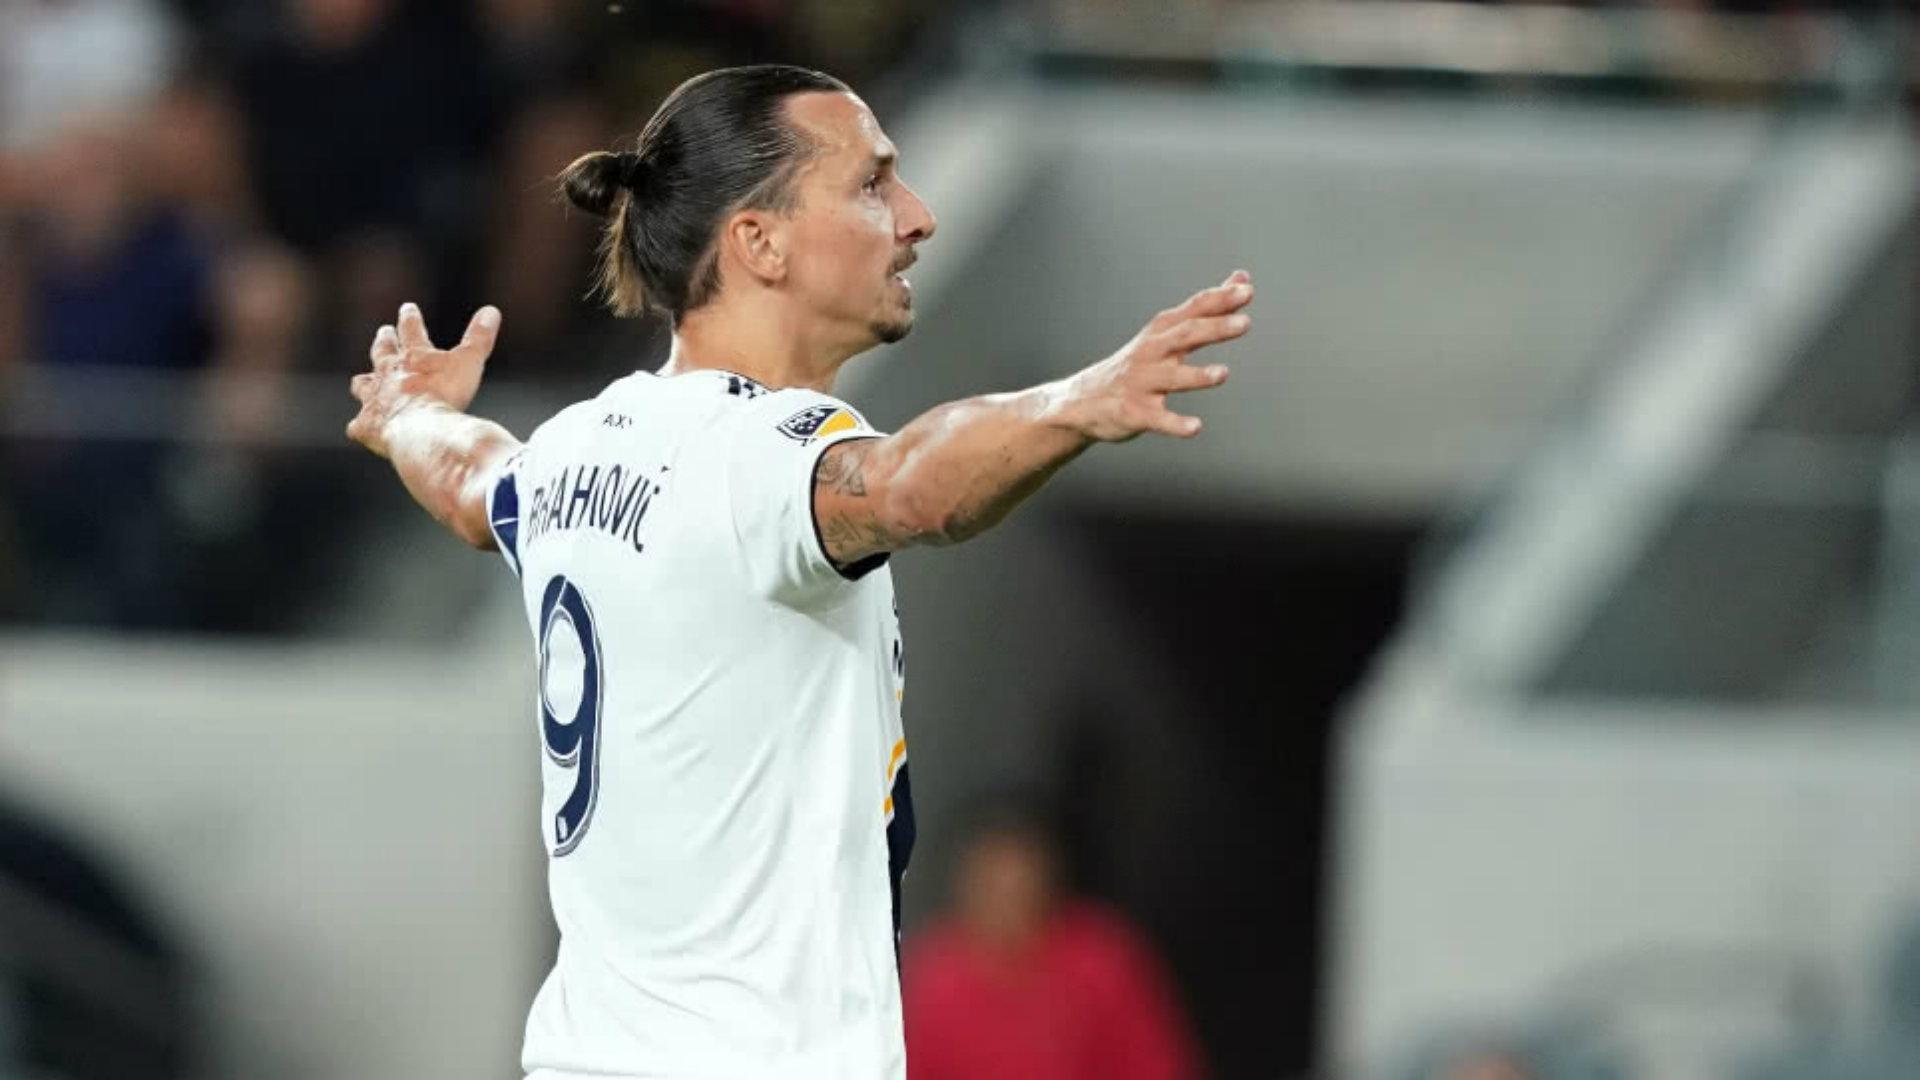 L'intérêt de Boca Juniors pour Zlatan confirmé par un dirigeant — Mercato